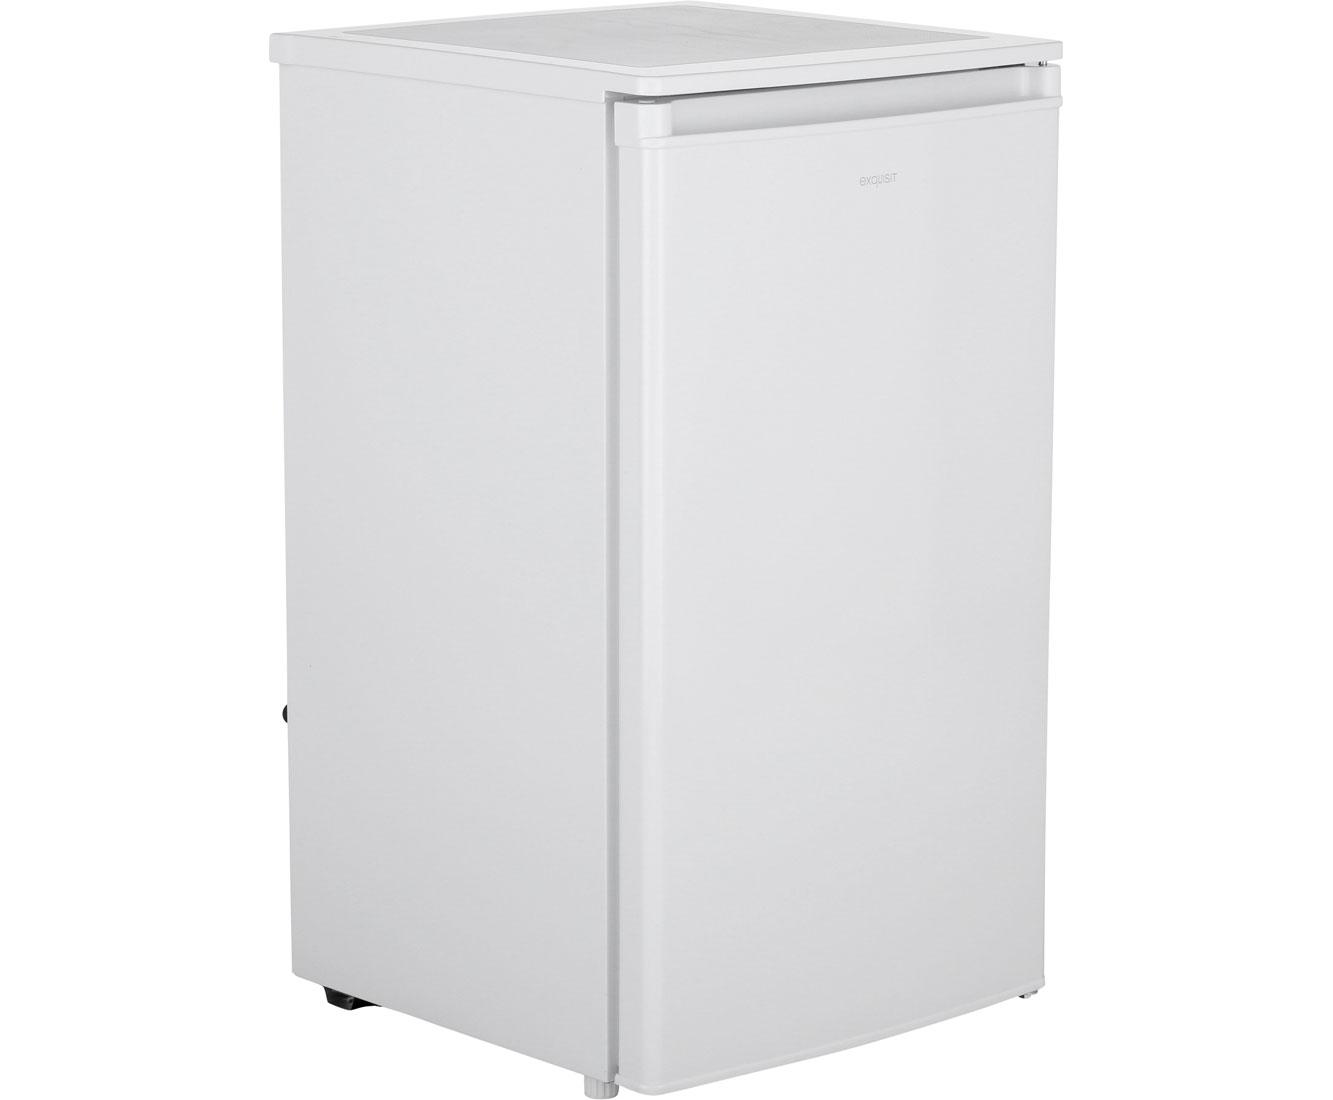 Aeg Kühlschrank Hersteller : Prospekte und bedienungsanleitungen von aeg haustechnik